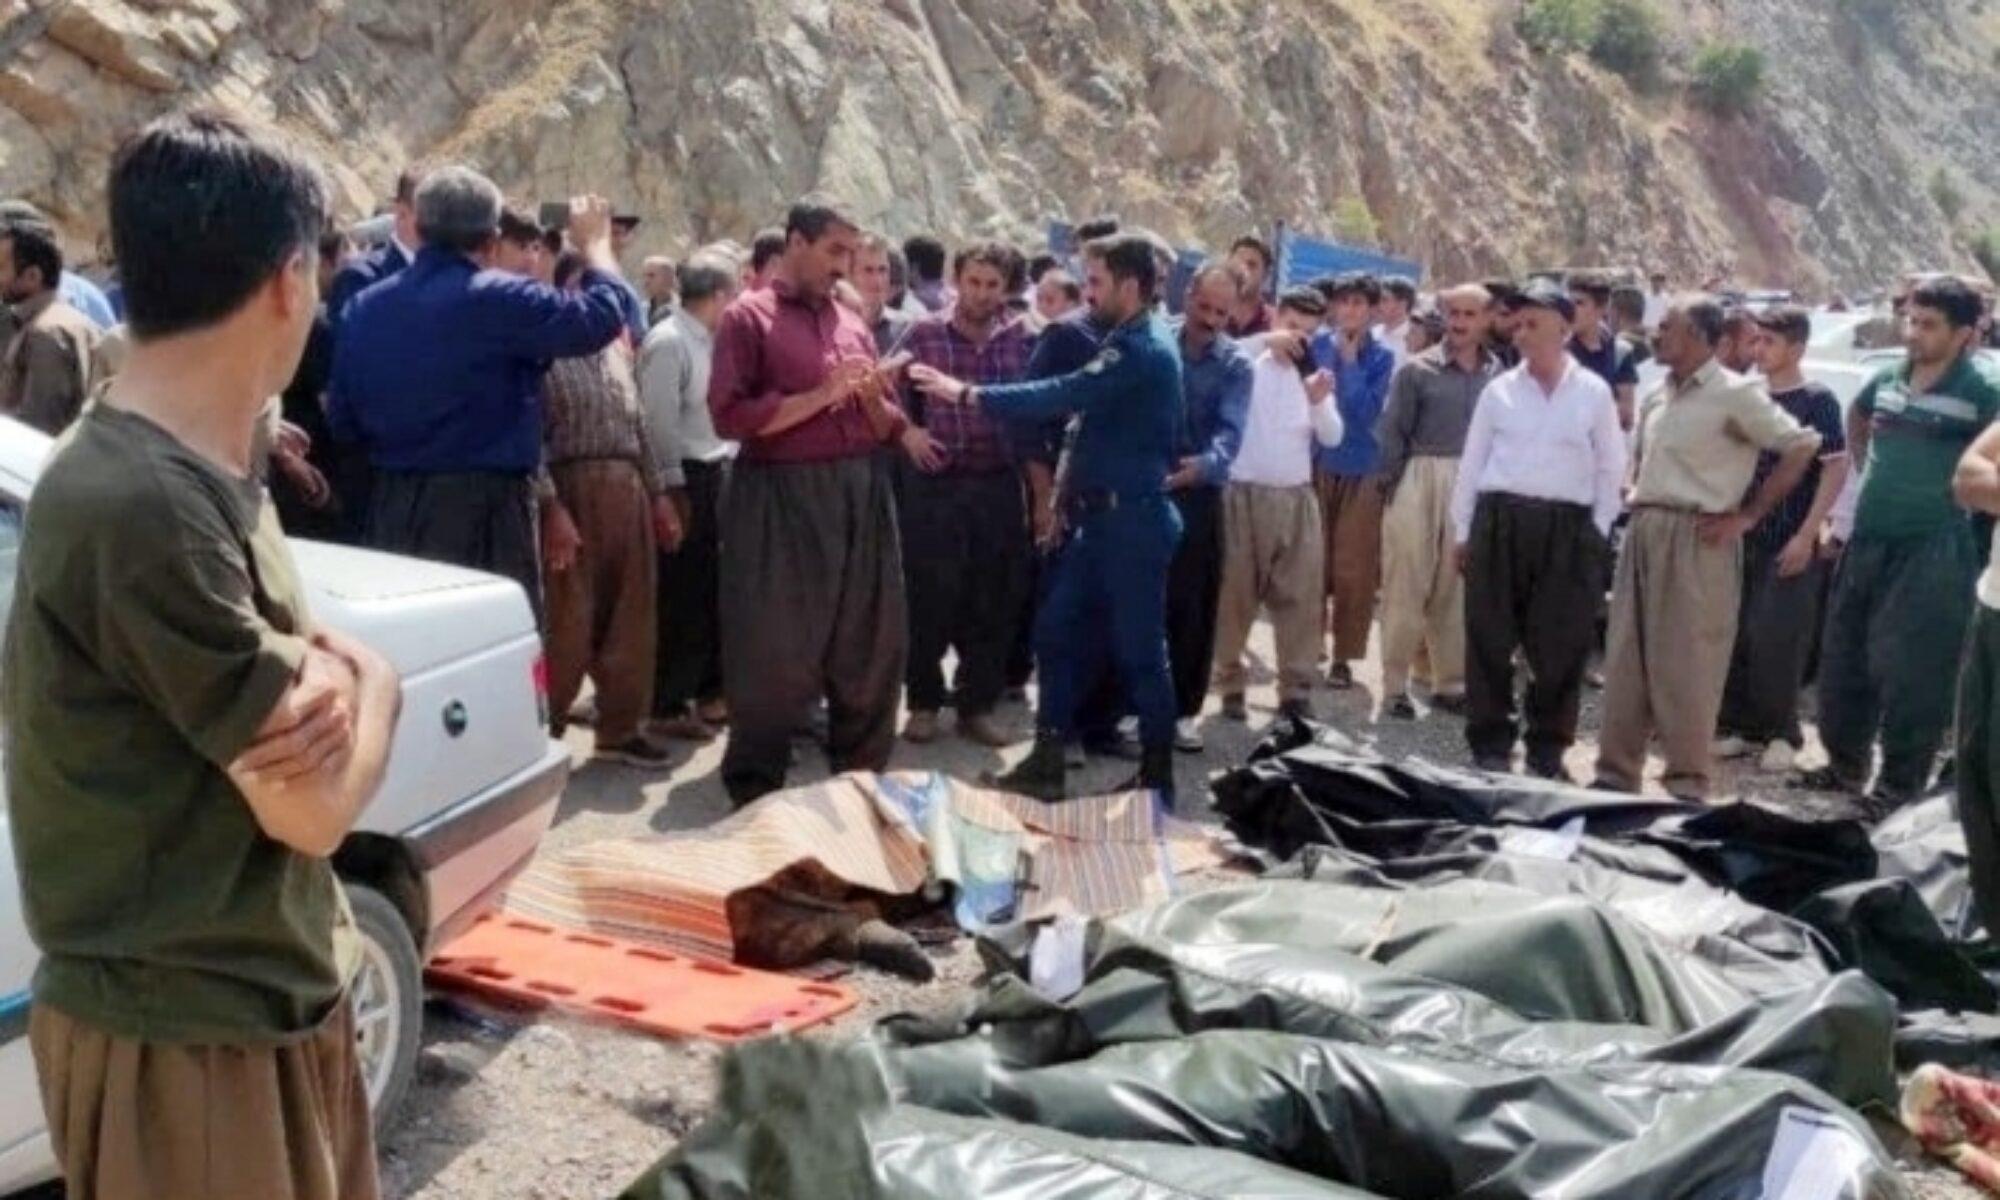 Doğu Kürdistan'da Weysel Qarani türbesini ziyarete giden otobüs devrildi: 16 ölü